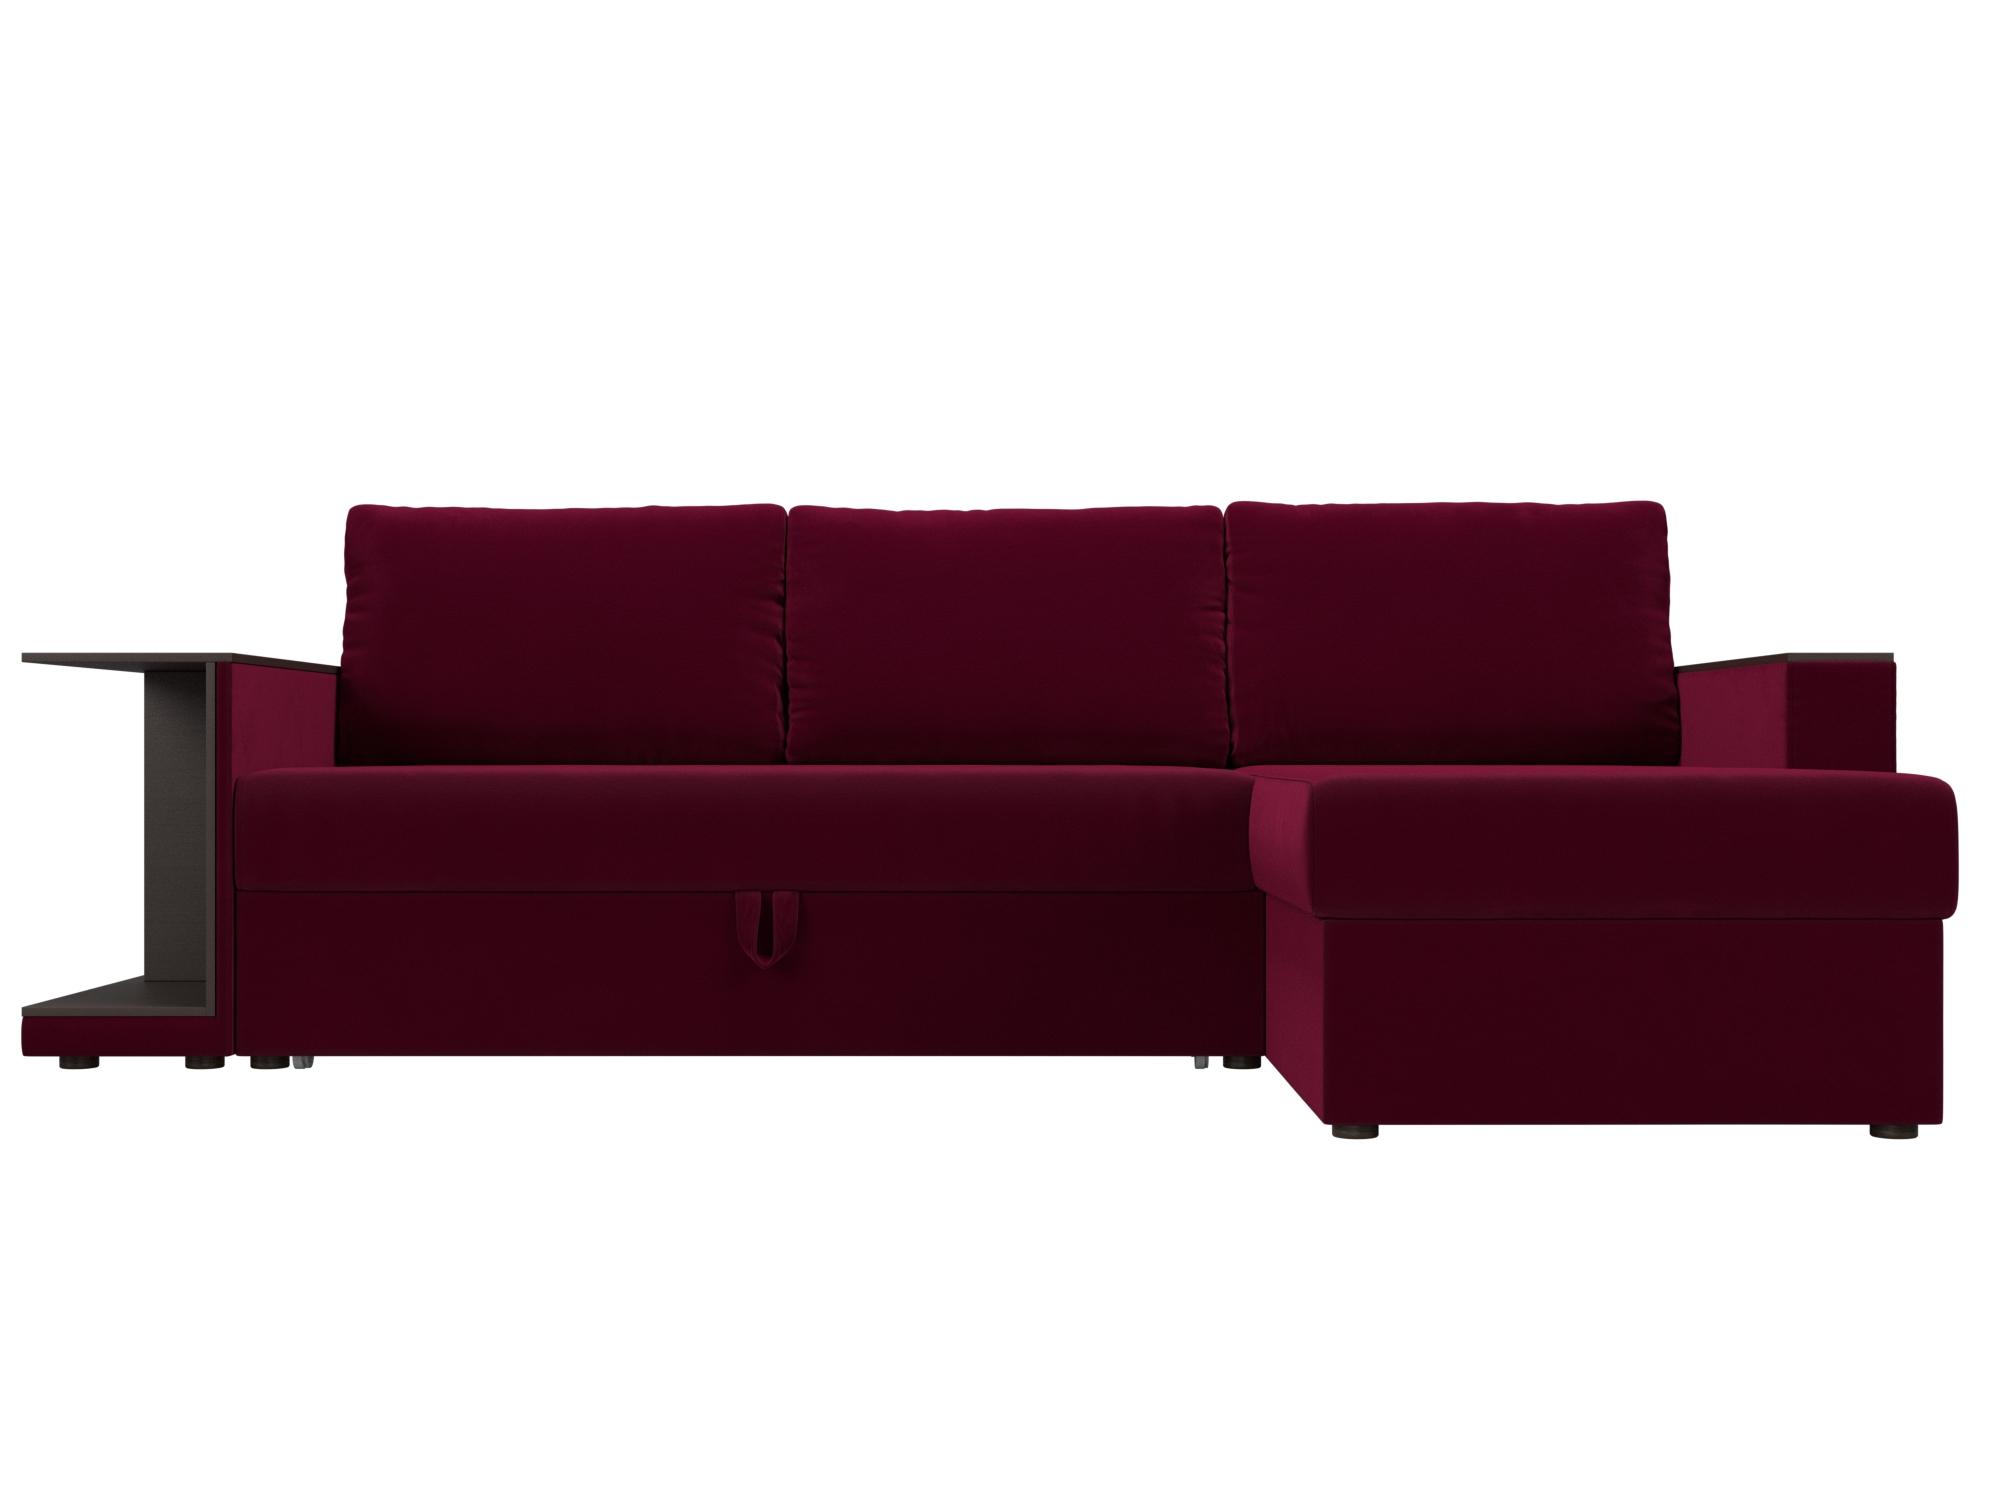 Угловой диван Атланта С Правый MebelVia Красный, Микровельвет, ЛДСП Красный